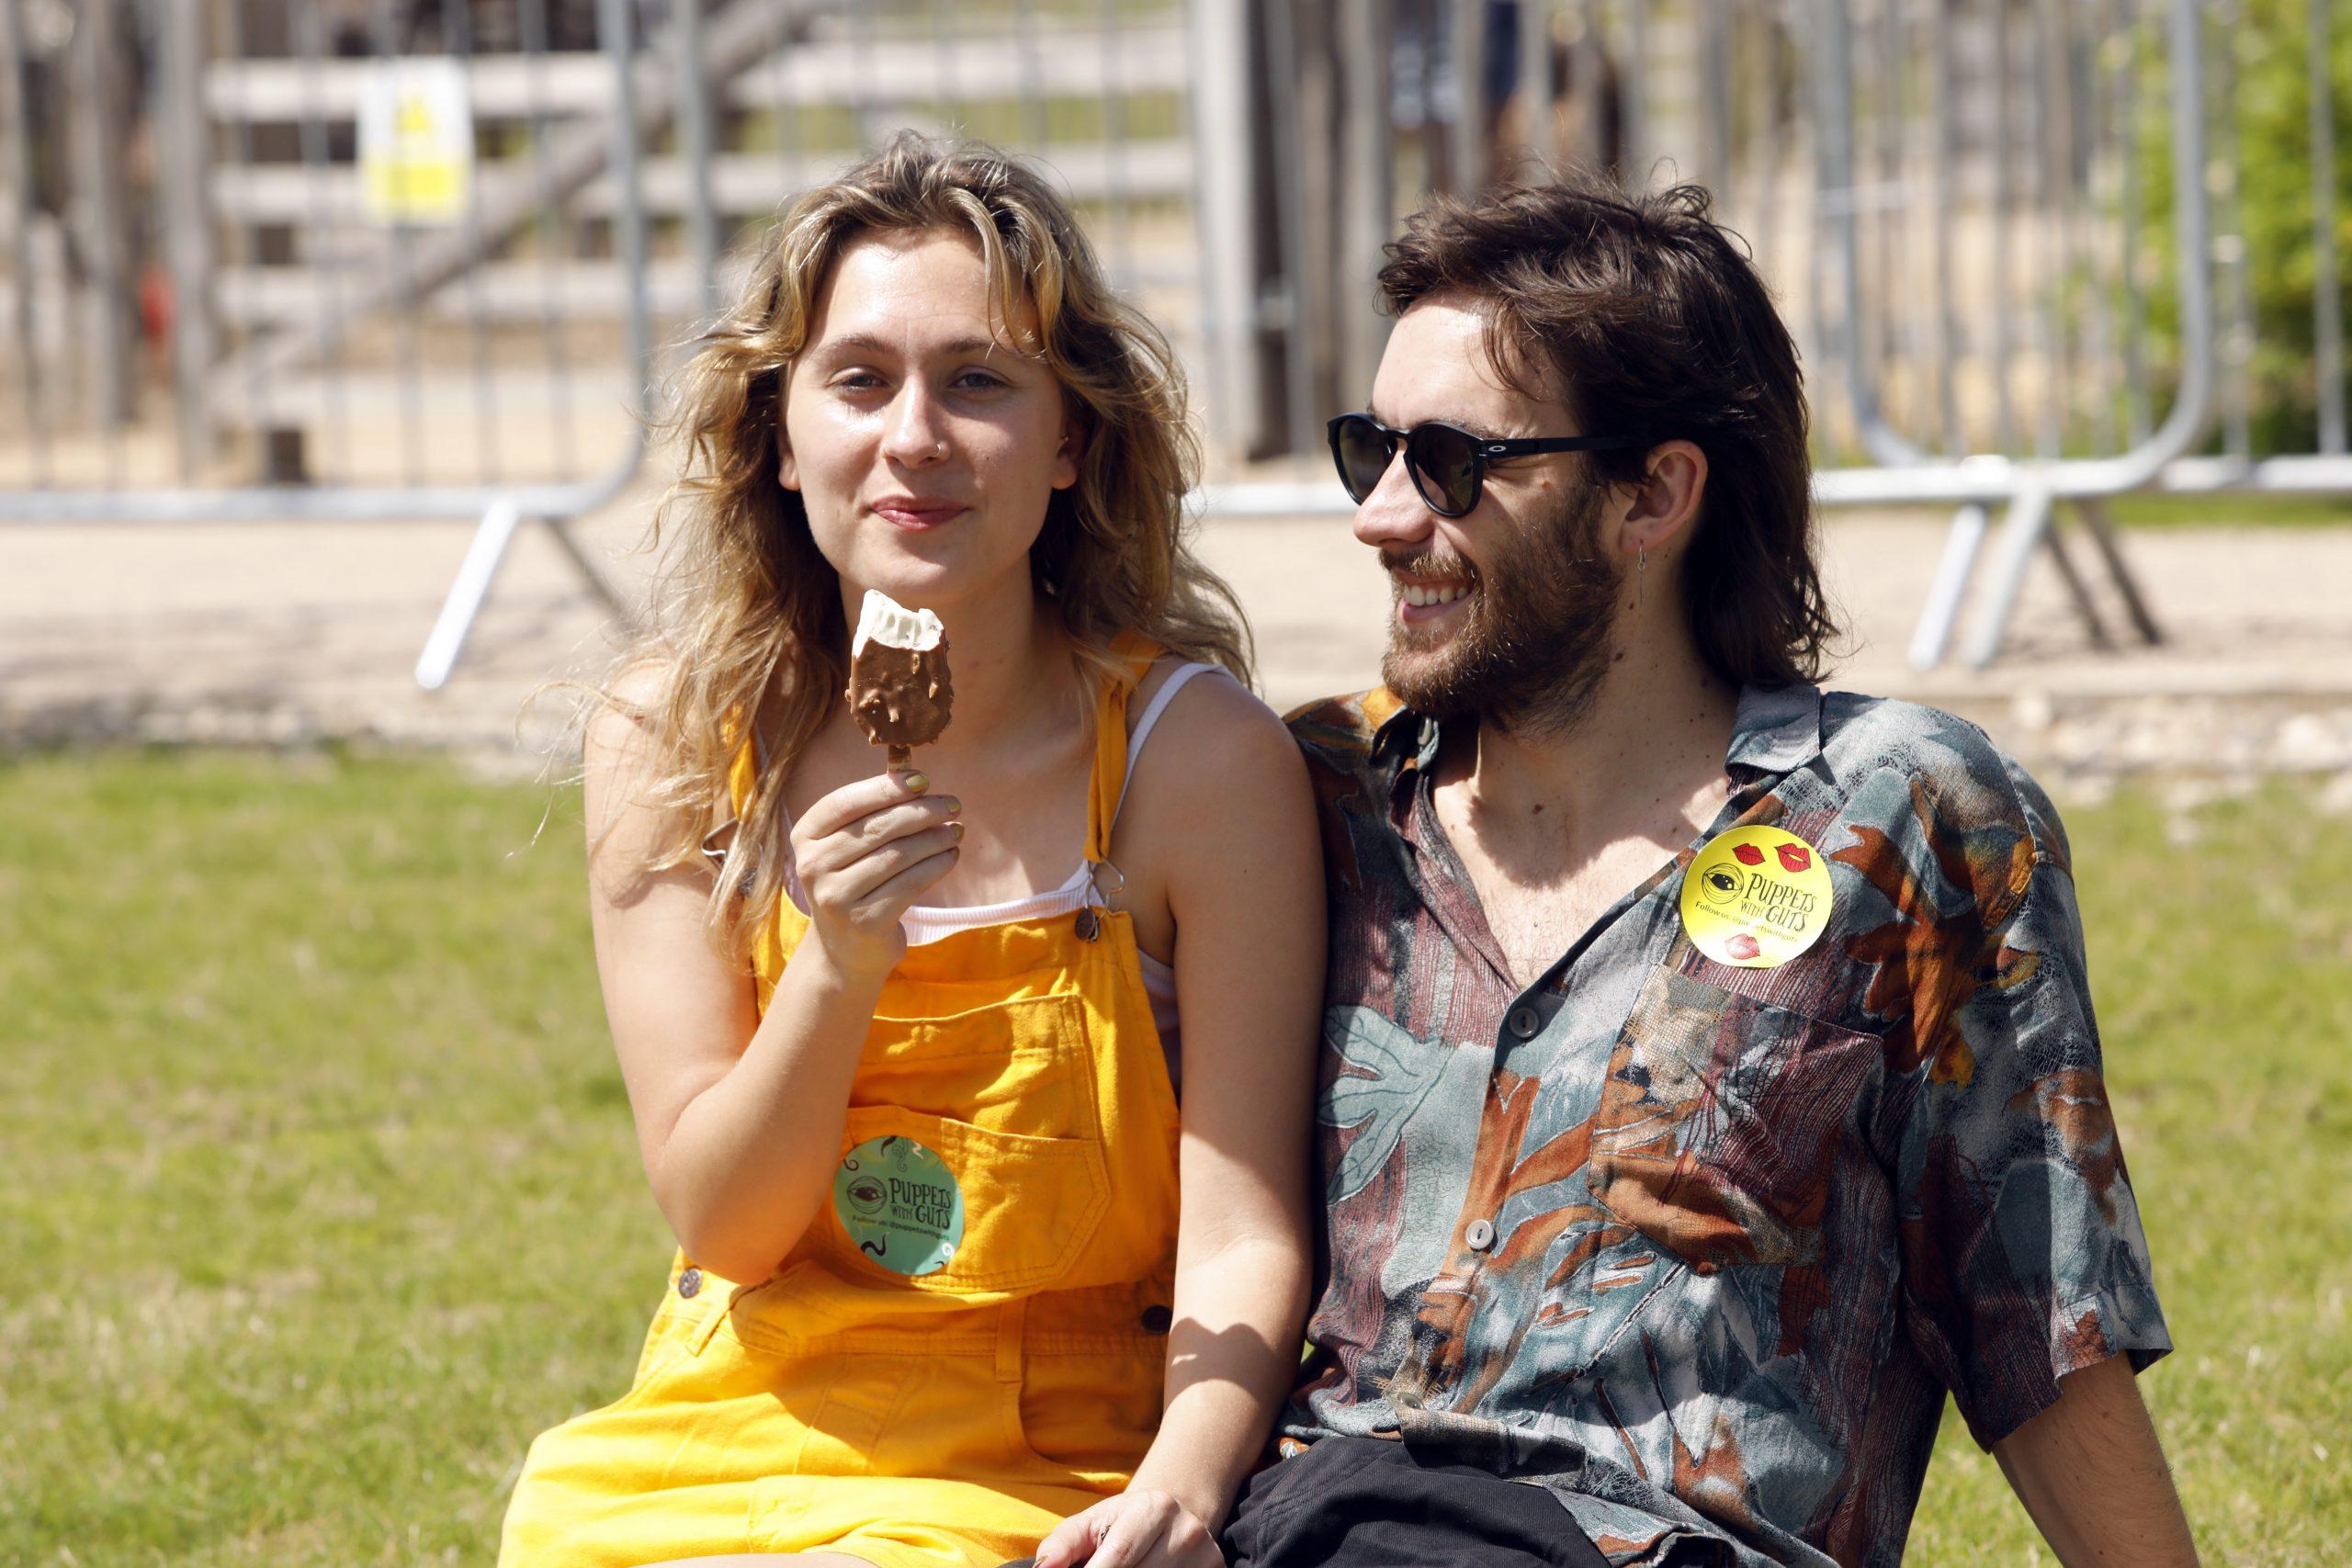 A couple eat an ice cream